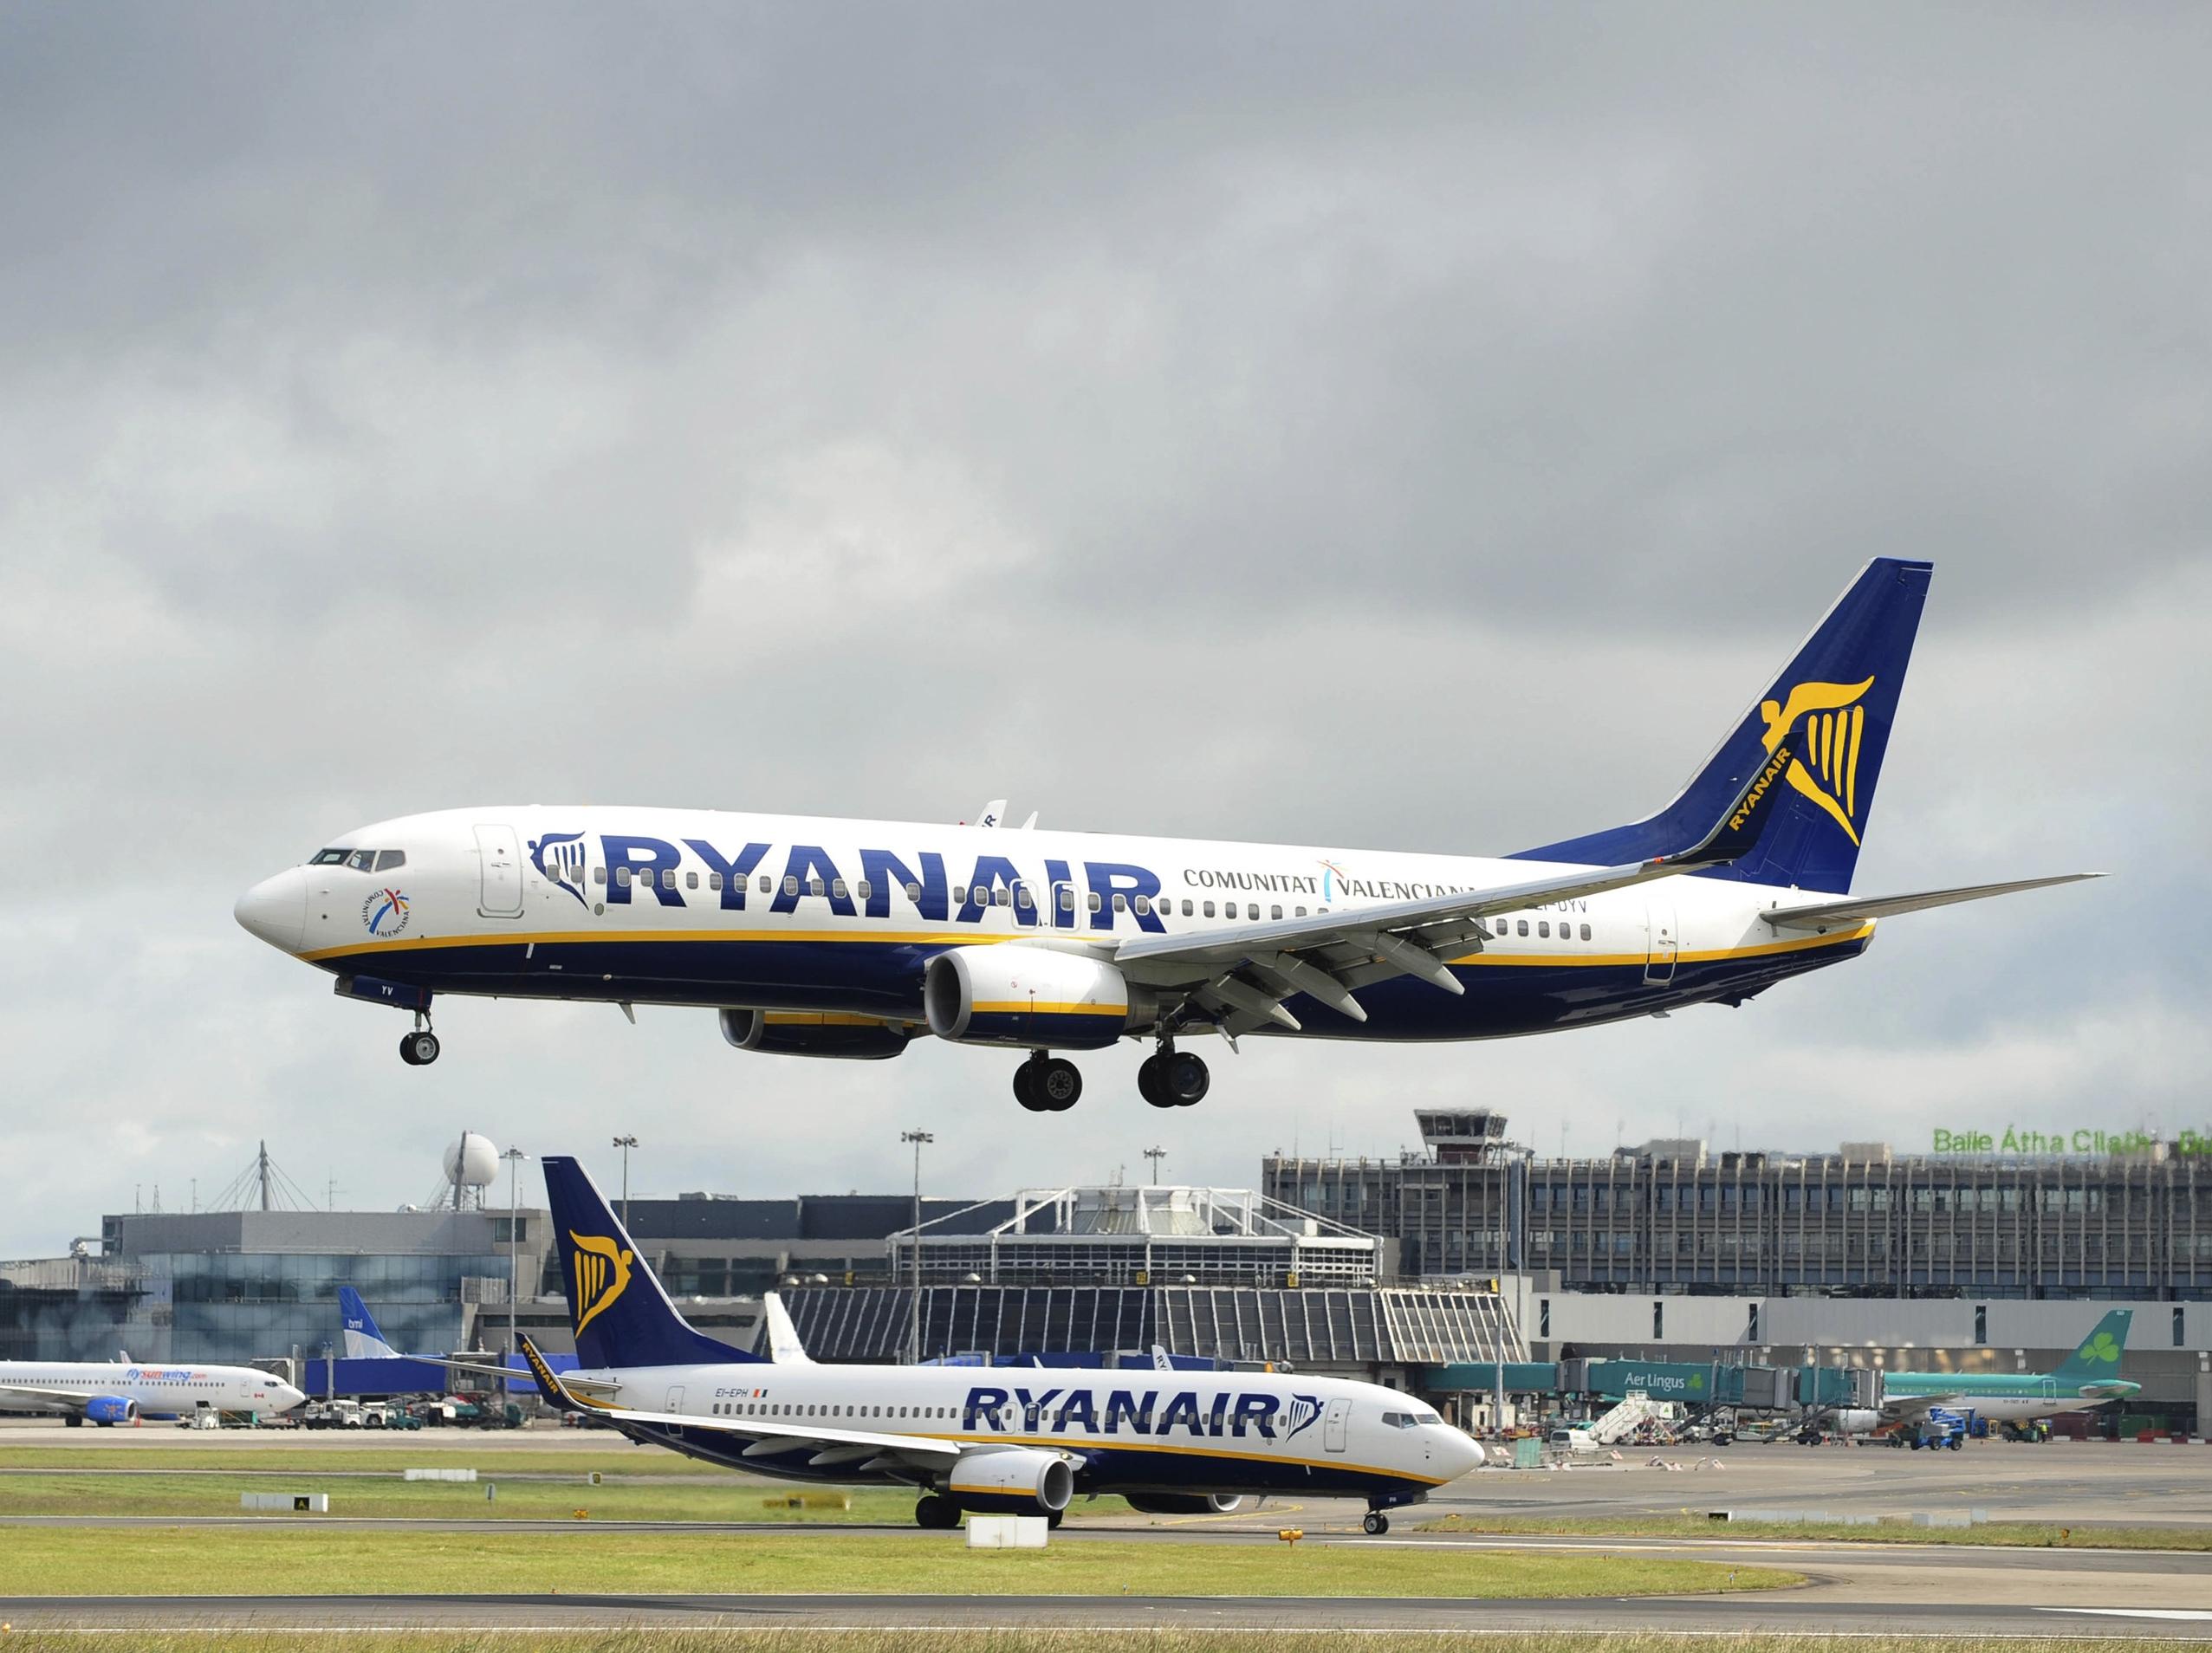 Ryanair otworzył bazę na lotnisku Kraków-Balice - Forsal.pl – Biznes,  Gospodarka, Świat